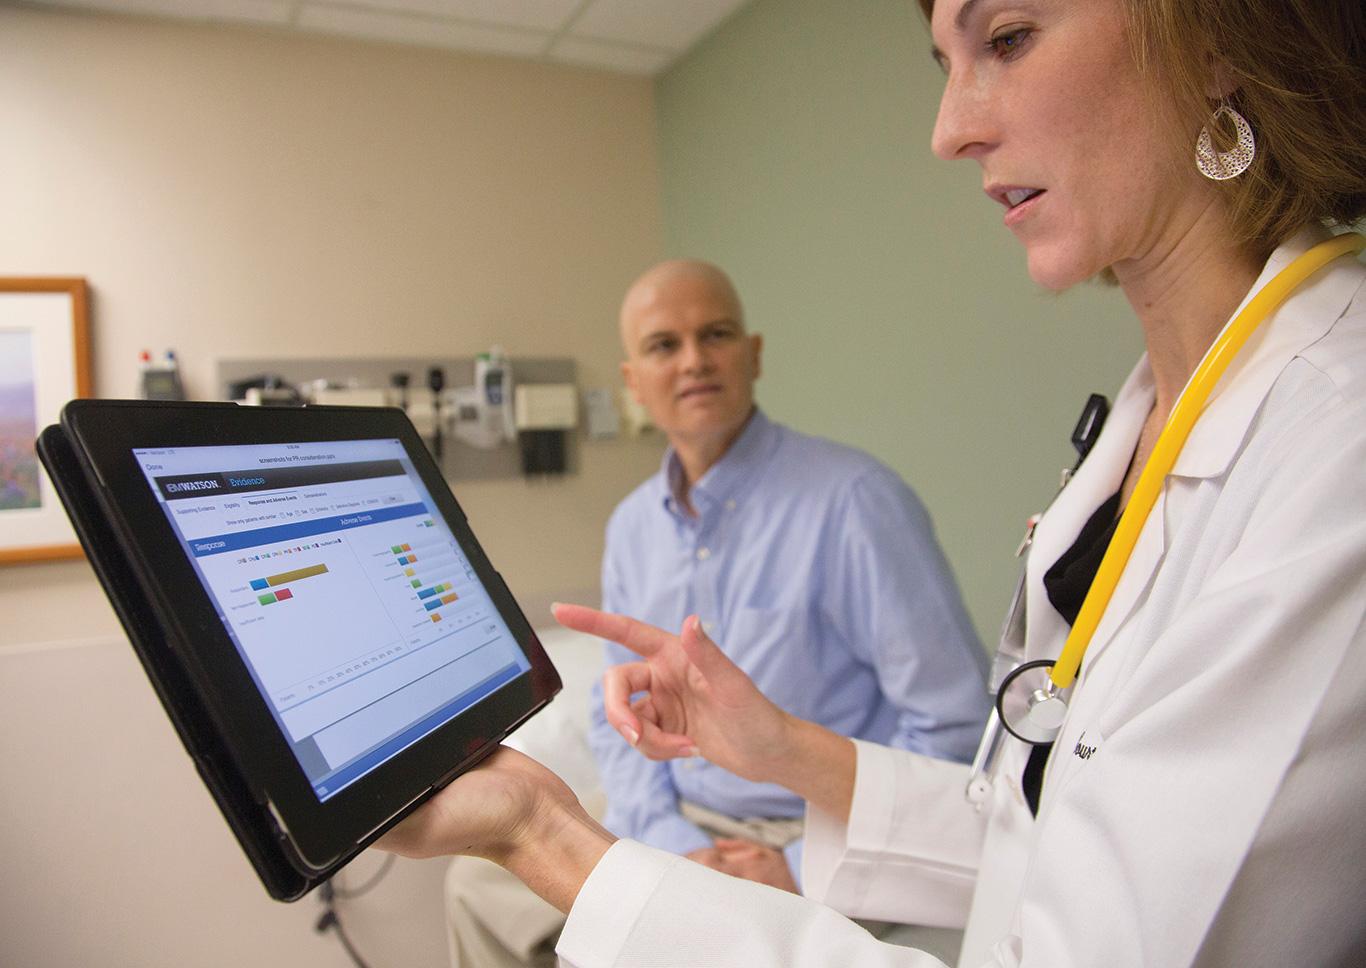 Un doctor de la leucemia en M.D. Anderson, Courtney DiNardo, utilizó el sistema de Watson de IBM mientras que consultaba con un paciente en 2013.